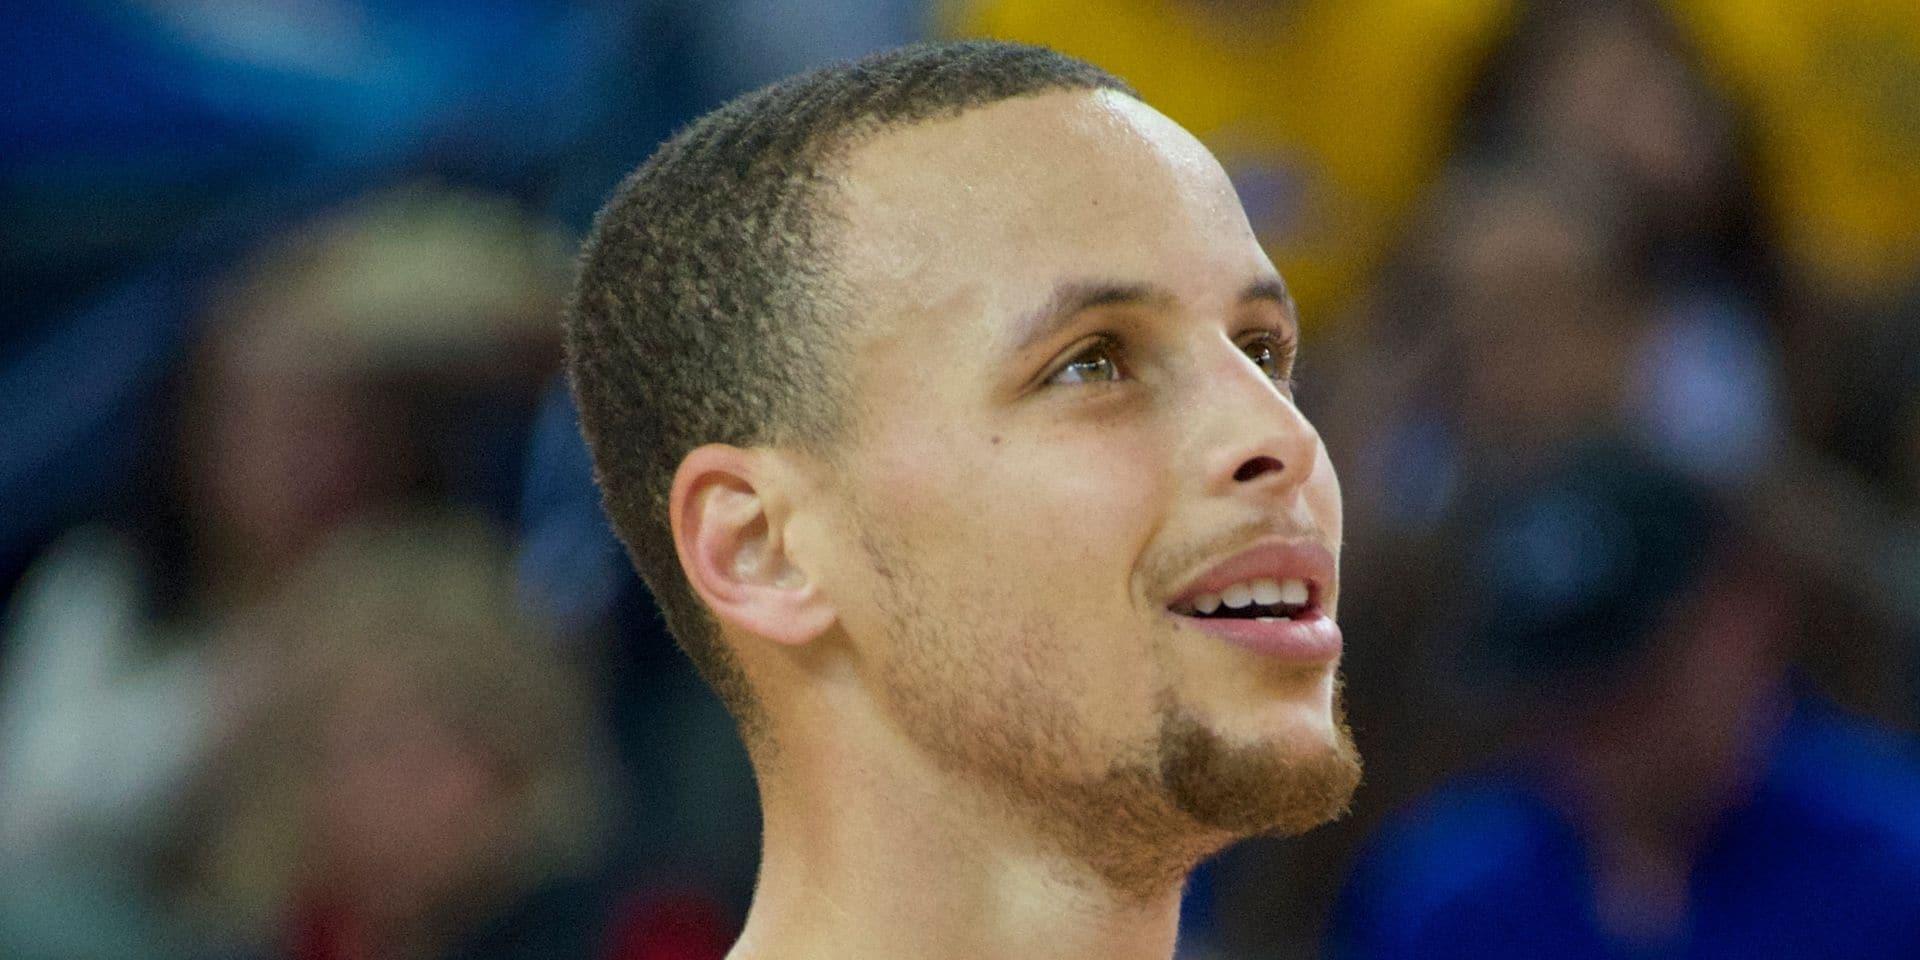 L'incroyable entraînement de Stephen Curry: 105 paniers à trois points d'affilée